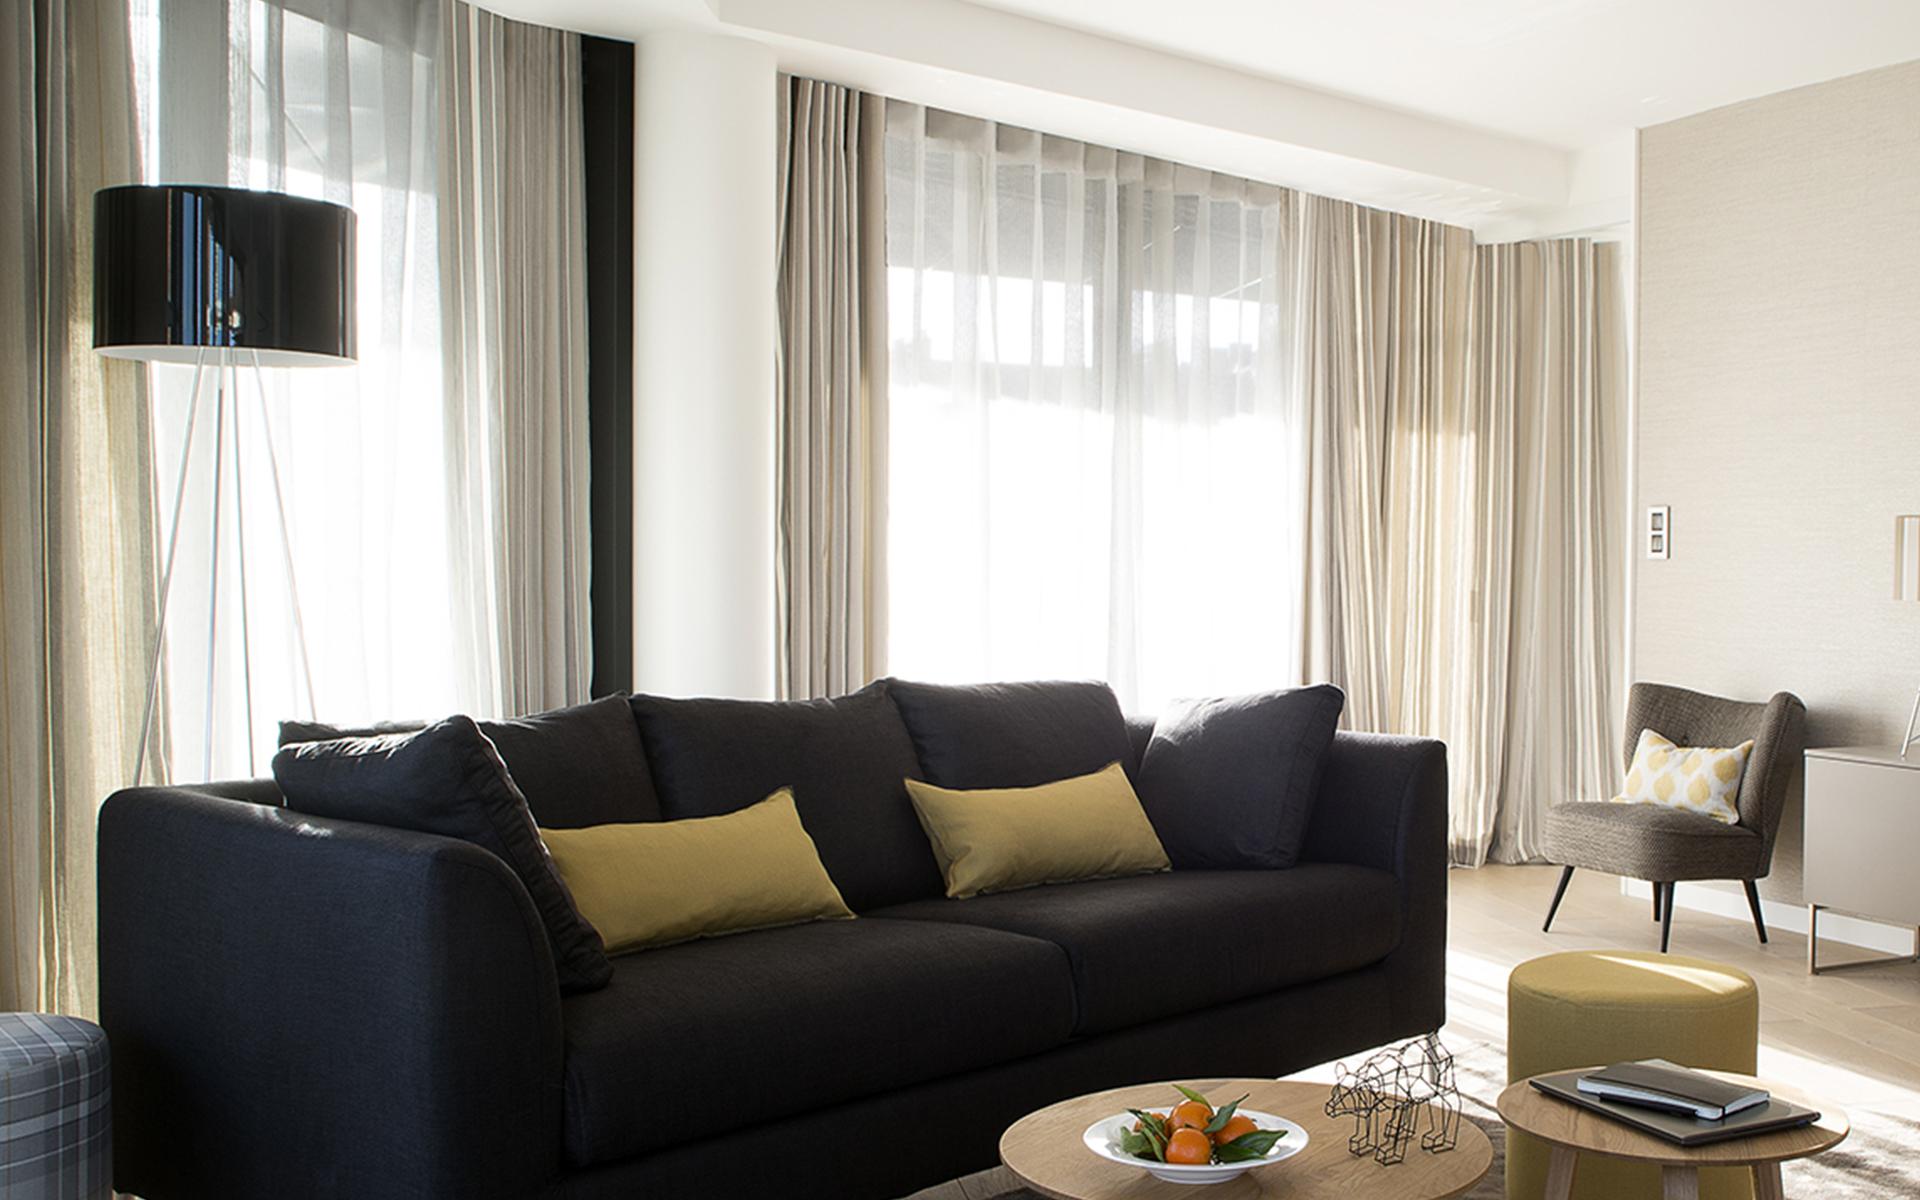 publi info toiles de mayenne votre alli d co actualit s d cos bons plans immobiliers. Black Bedroom Furniture Sets. Home Design Ideas